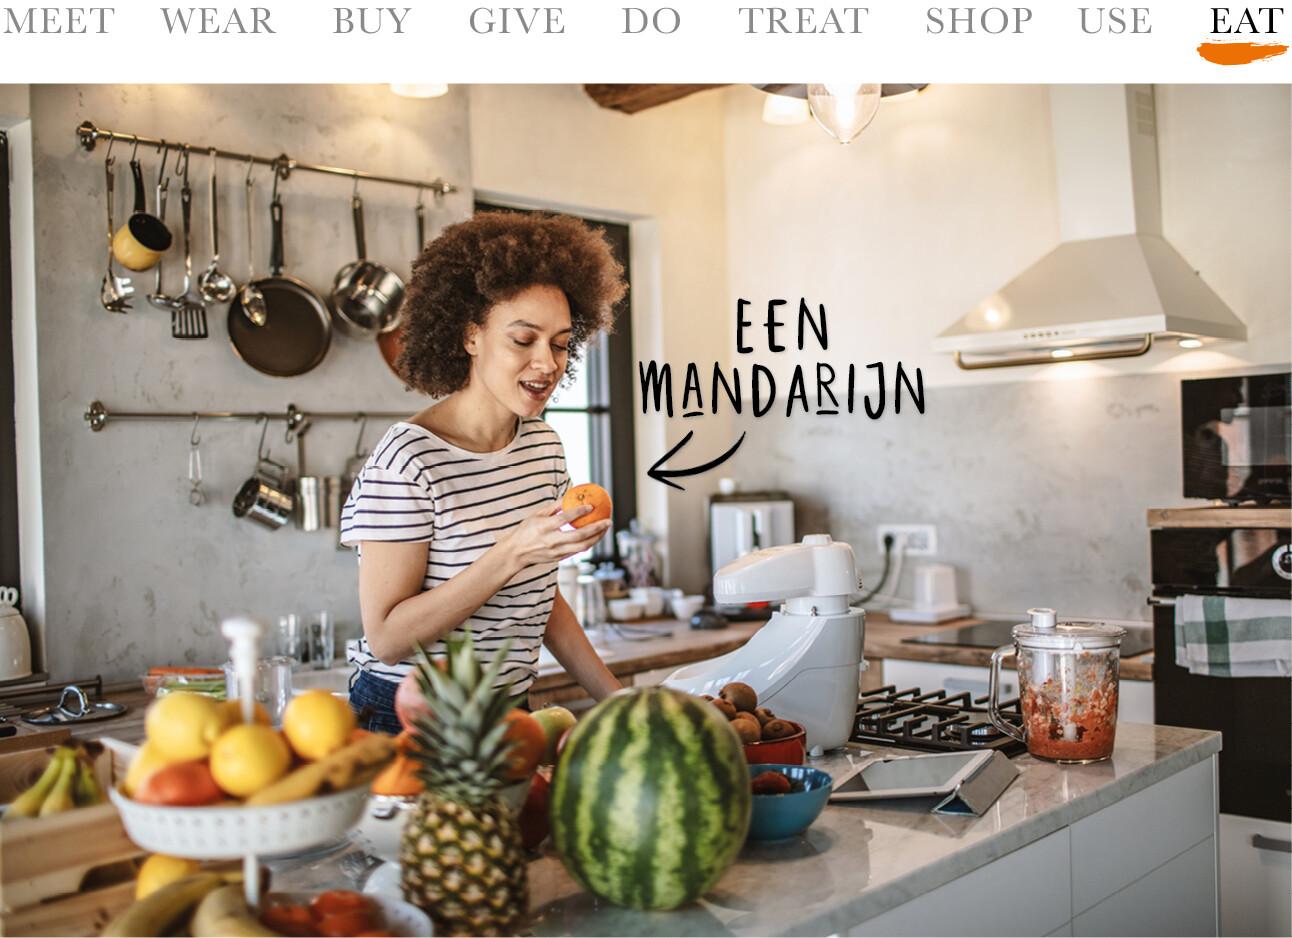 vrouw met allemaal fruit in de keuken